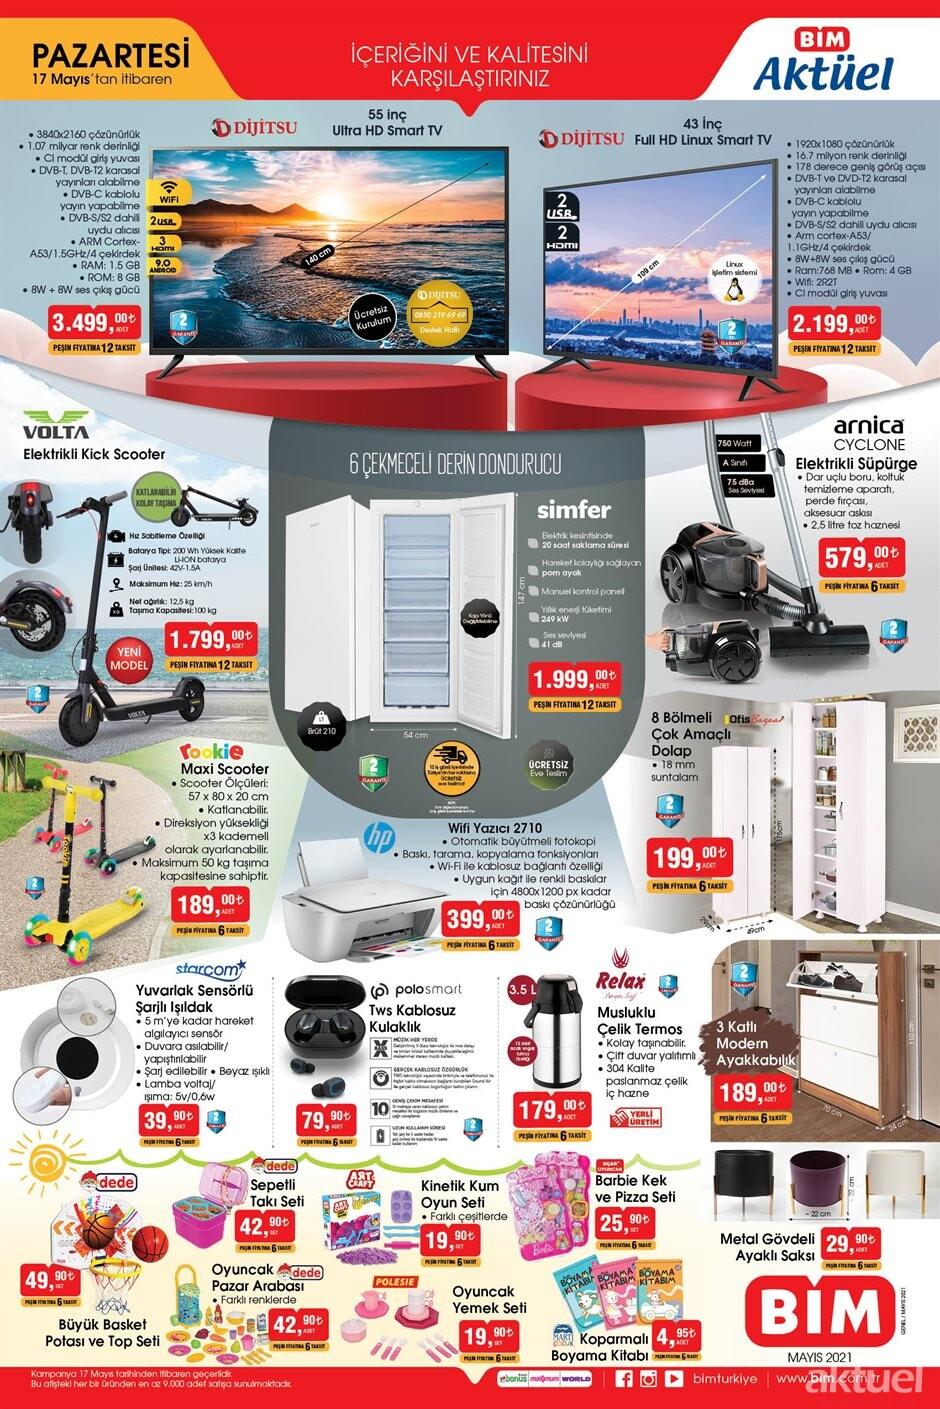 Bim Elektronik Aktüel Ürünler